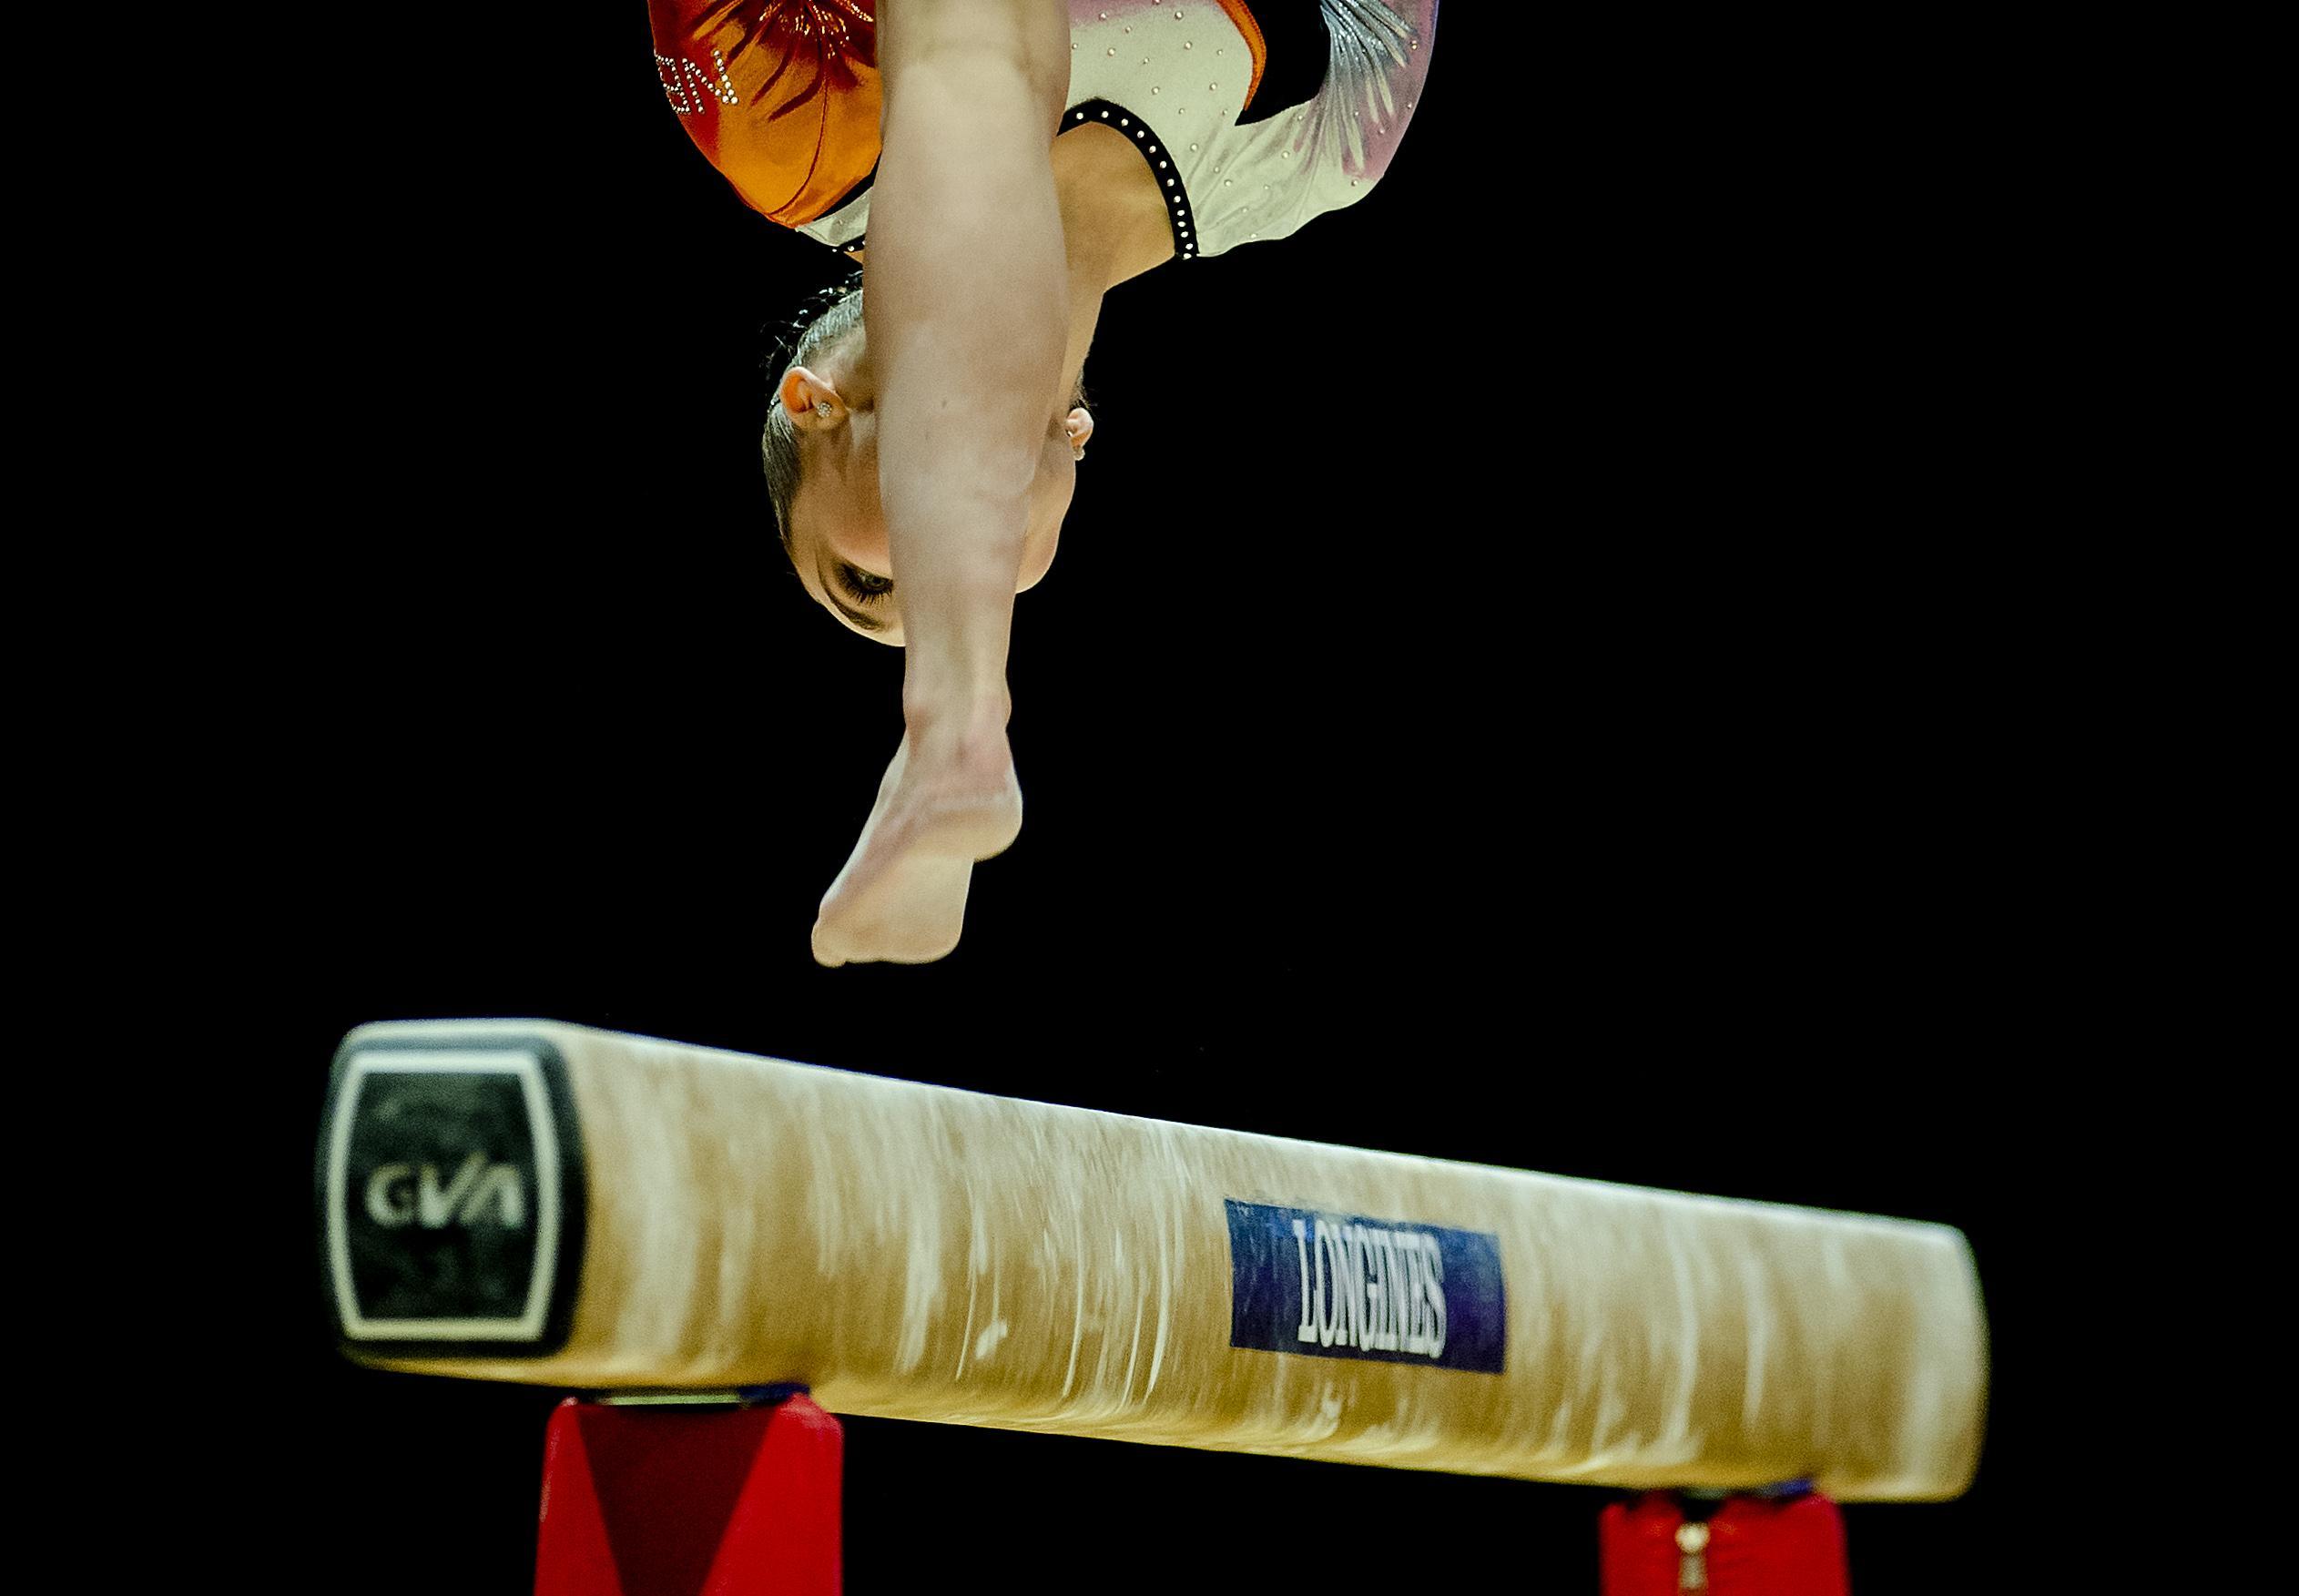 Gymnastiekunie KNGU teleurgesteld in uitspraak zaak-Wevers